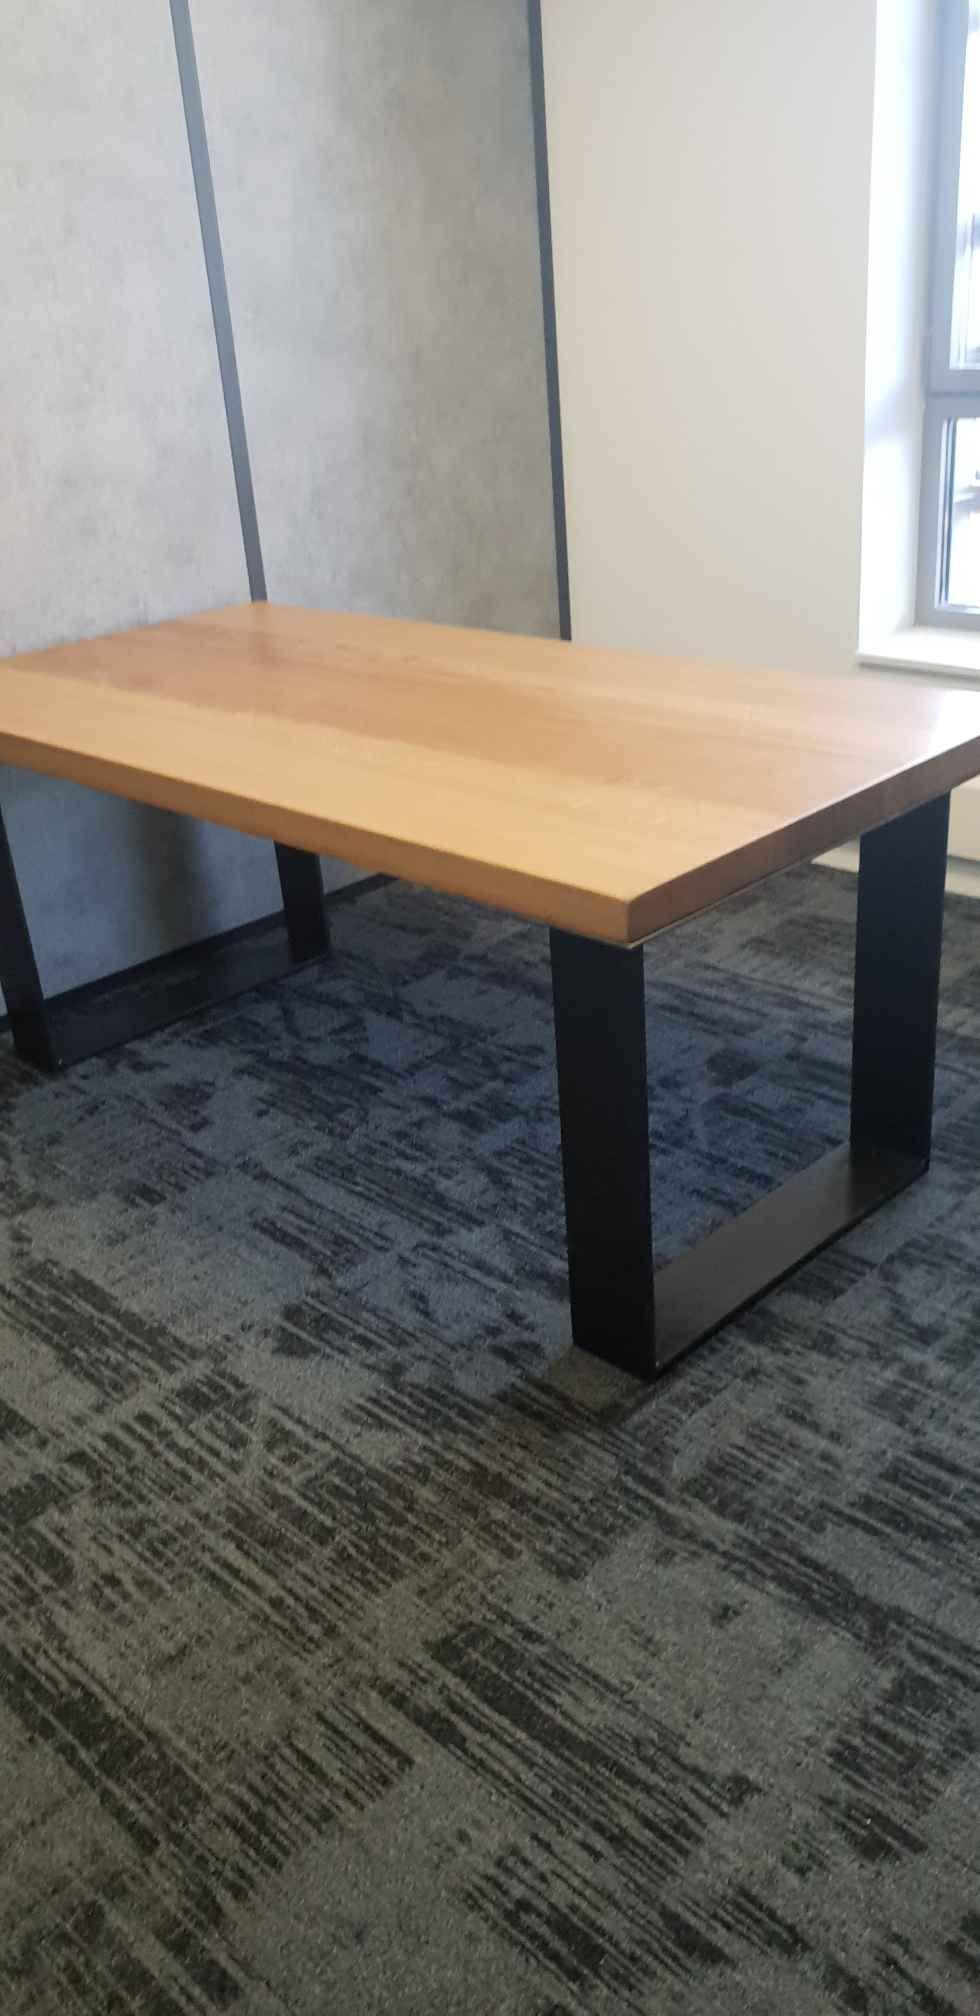 Table Pieds U En Fer Et Plateau Chene Bureau Industriel Table Industrielle Sur Mesure Plateau Chene Table De Reunion Table